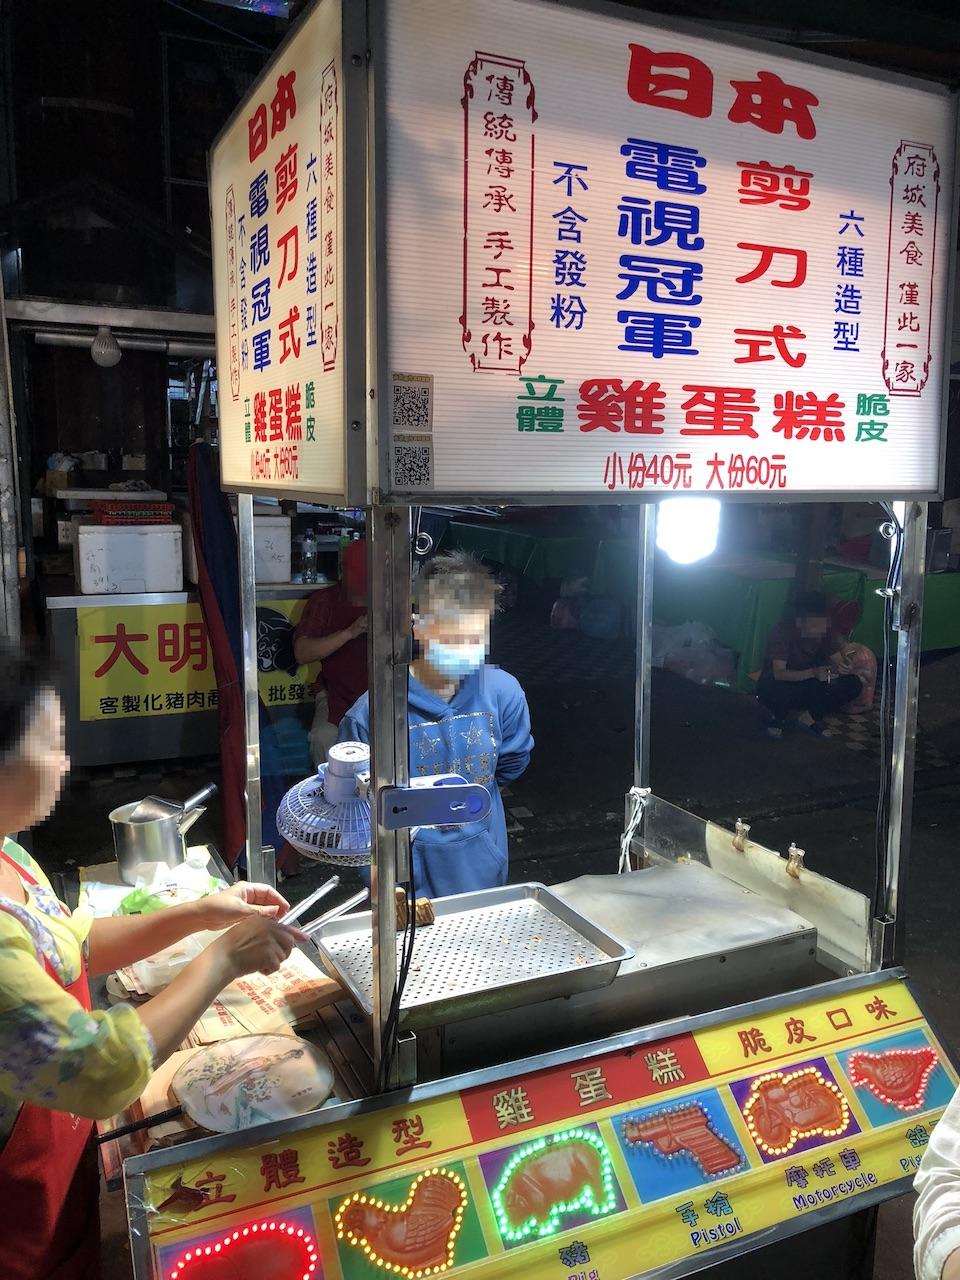 食べると意外にいける?夜市で台湾名物の「臭豆腐」を食べてみました。